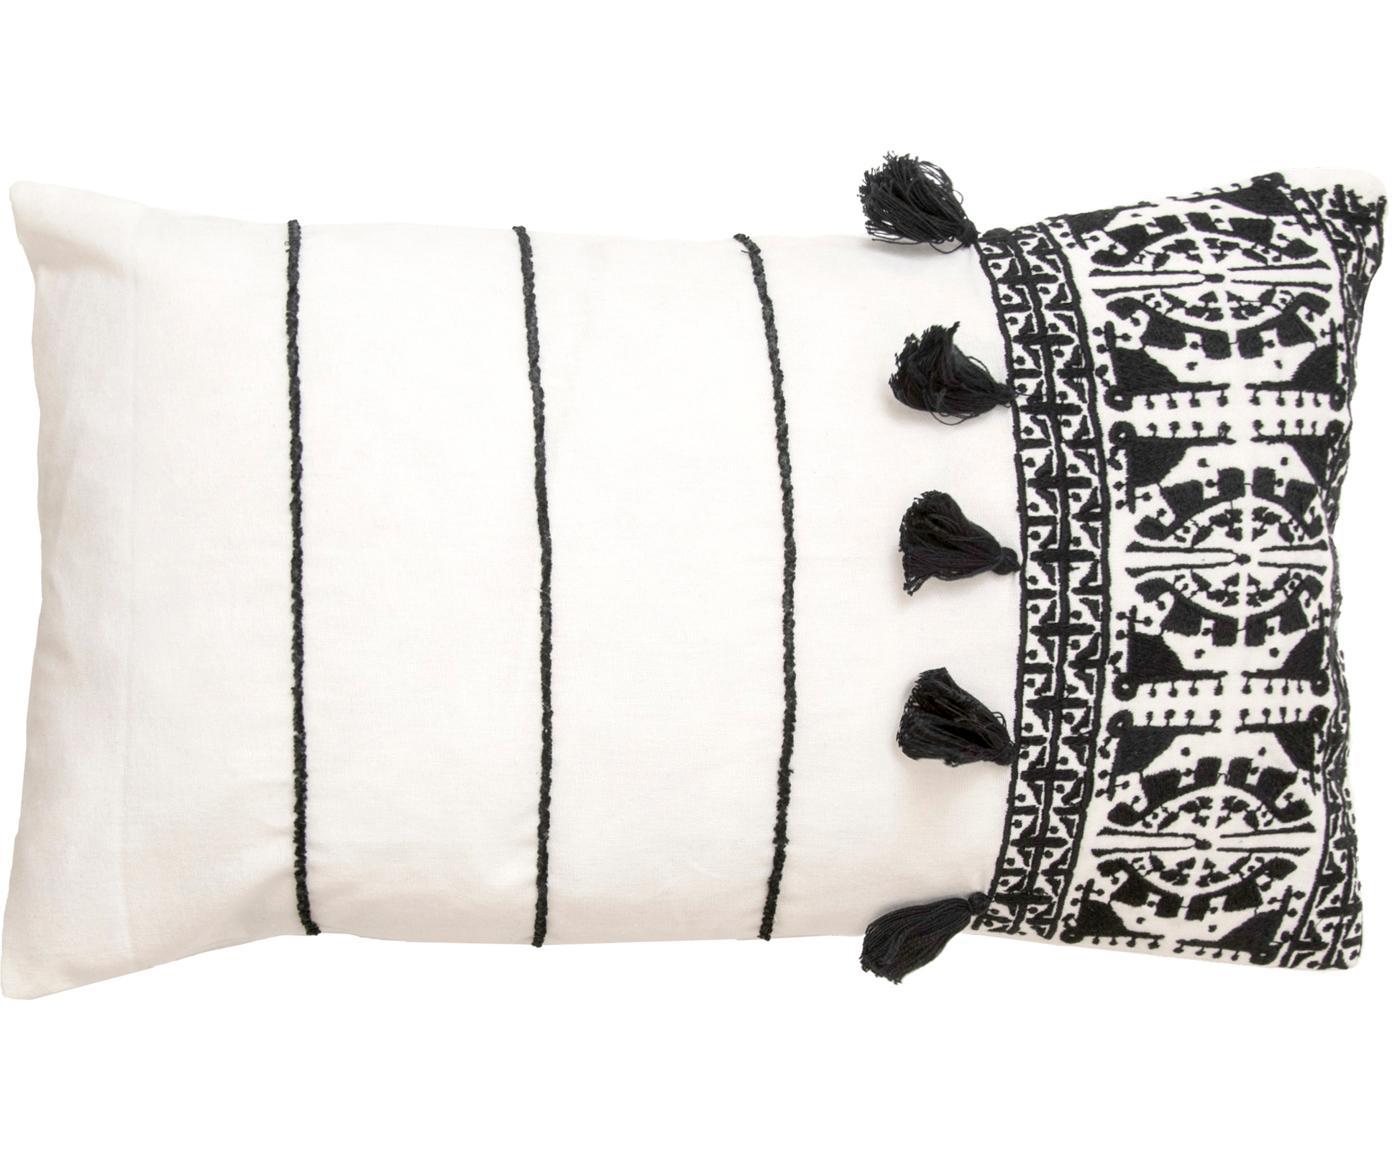 Federa arredo con ricamo e nappe Neo Berbère, Cotone, Bianco, nero, Larg. 30 x Alt. 50 cm